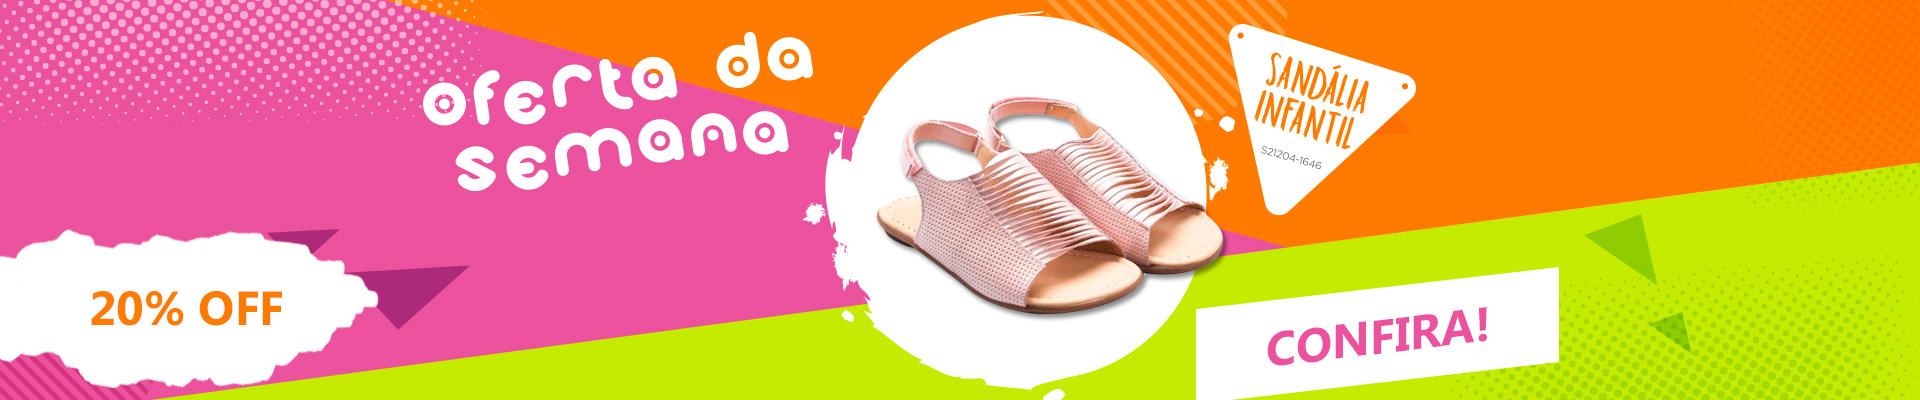 Campanha Verão Sheep Shoes 2019 - Produto da 3º Semana - Feminino